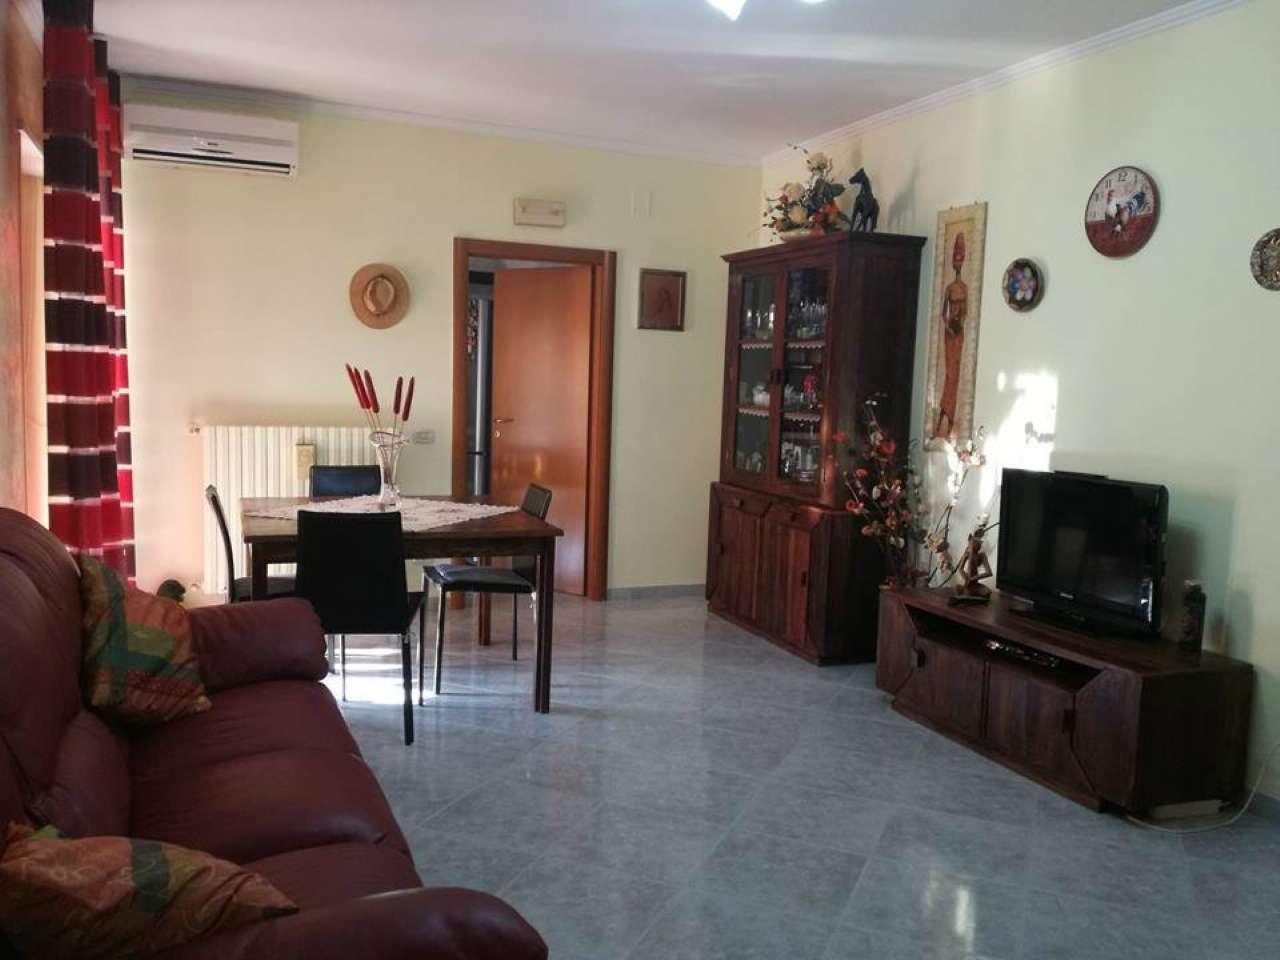 Appartamento in vendita a Massafra, 7 locali, prezzo € 110.000 | CambioCasa.it